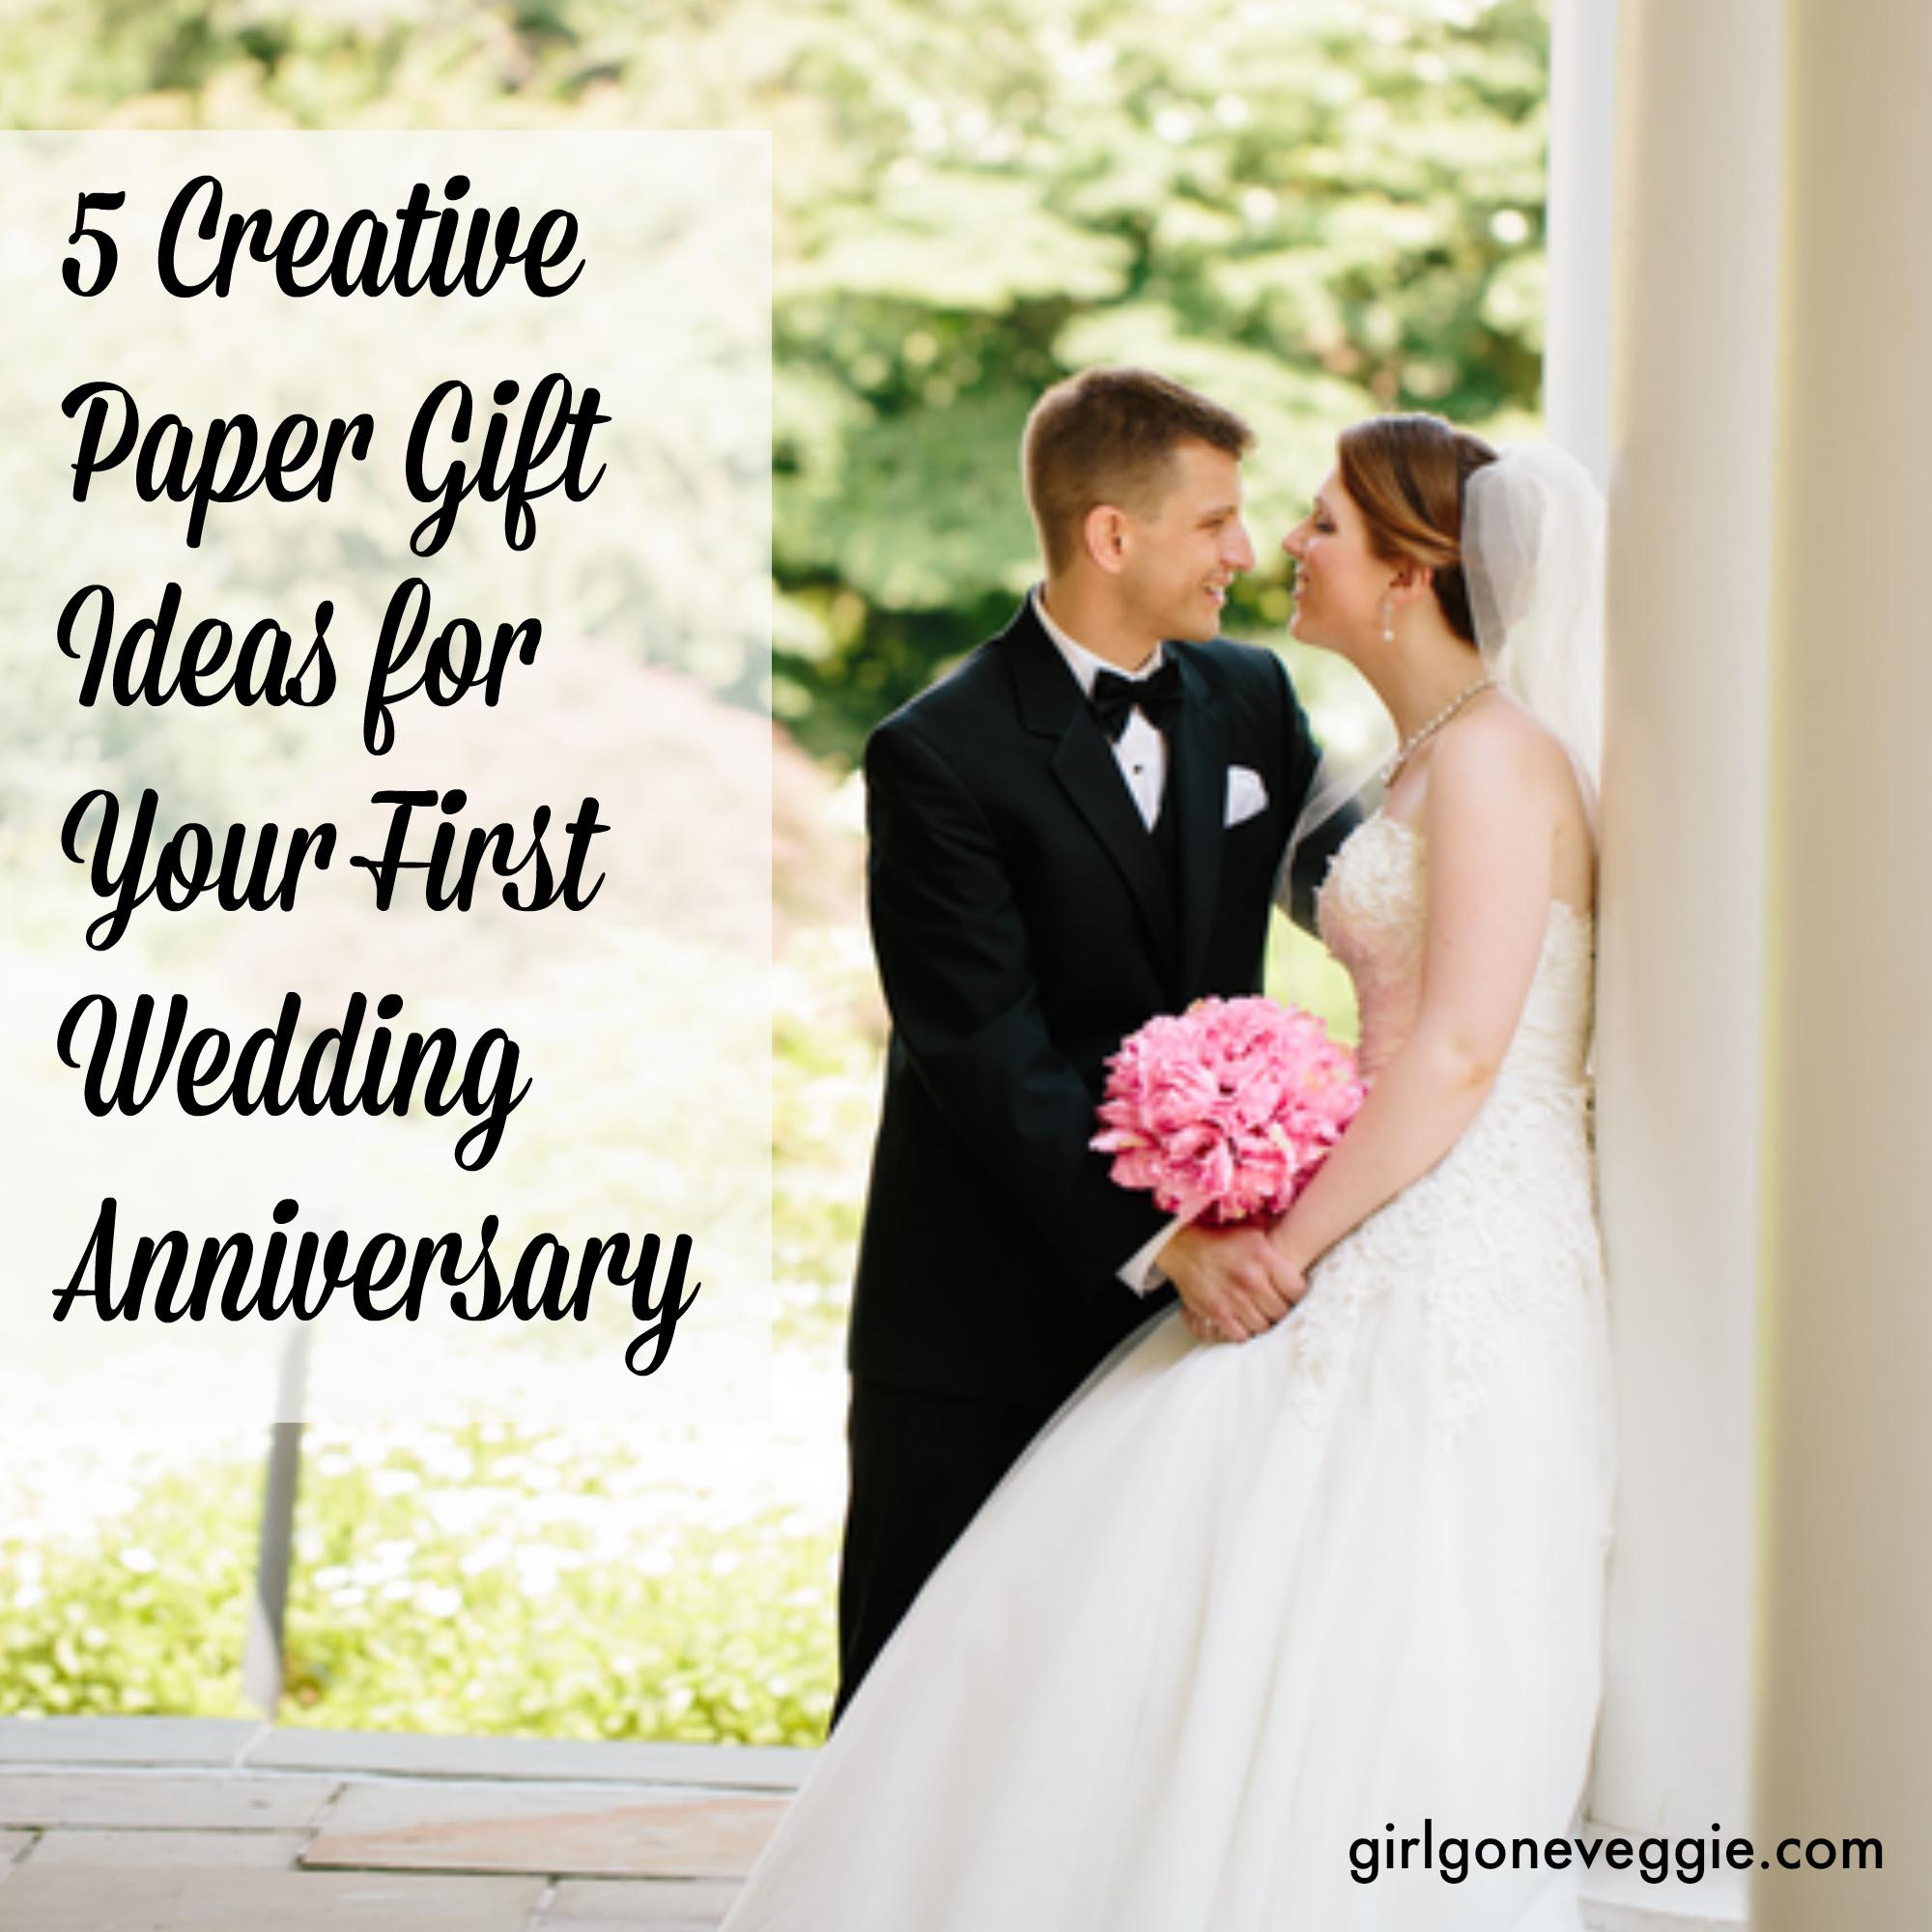 5 creative paper gift ideas first wedding anniversary 1st wedding anniversary gift 5 creative paper gift ideas for your first wedding anniversary Girl Gone Veggie Erin Fairchild